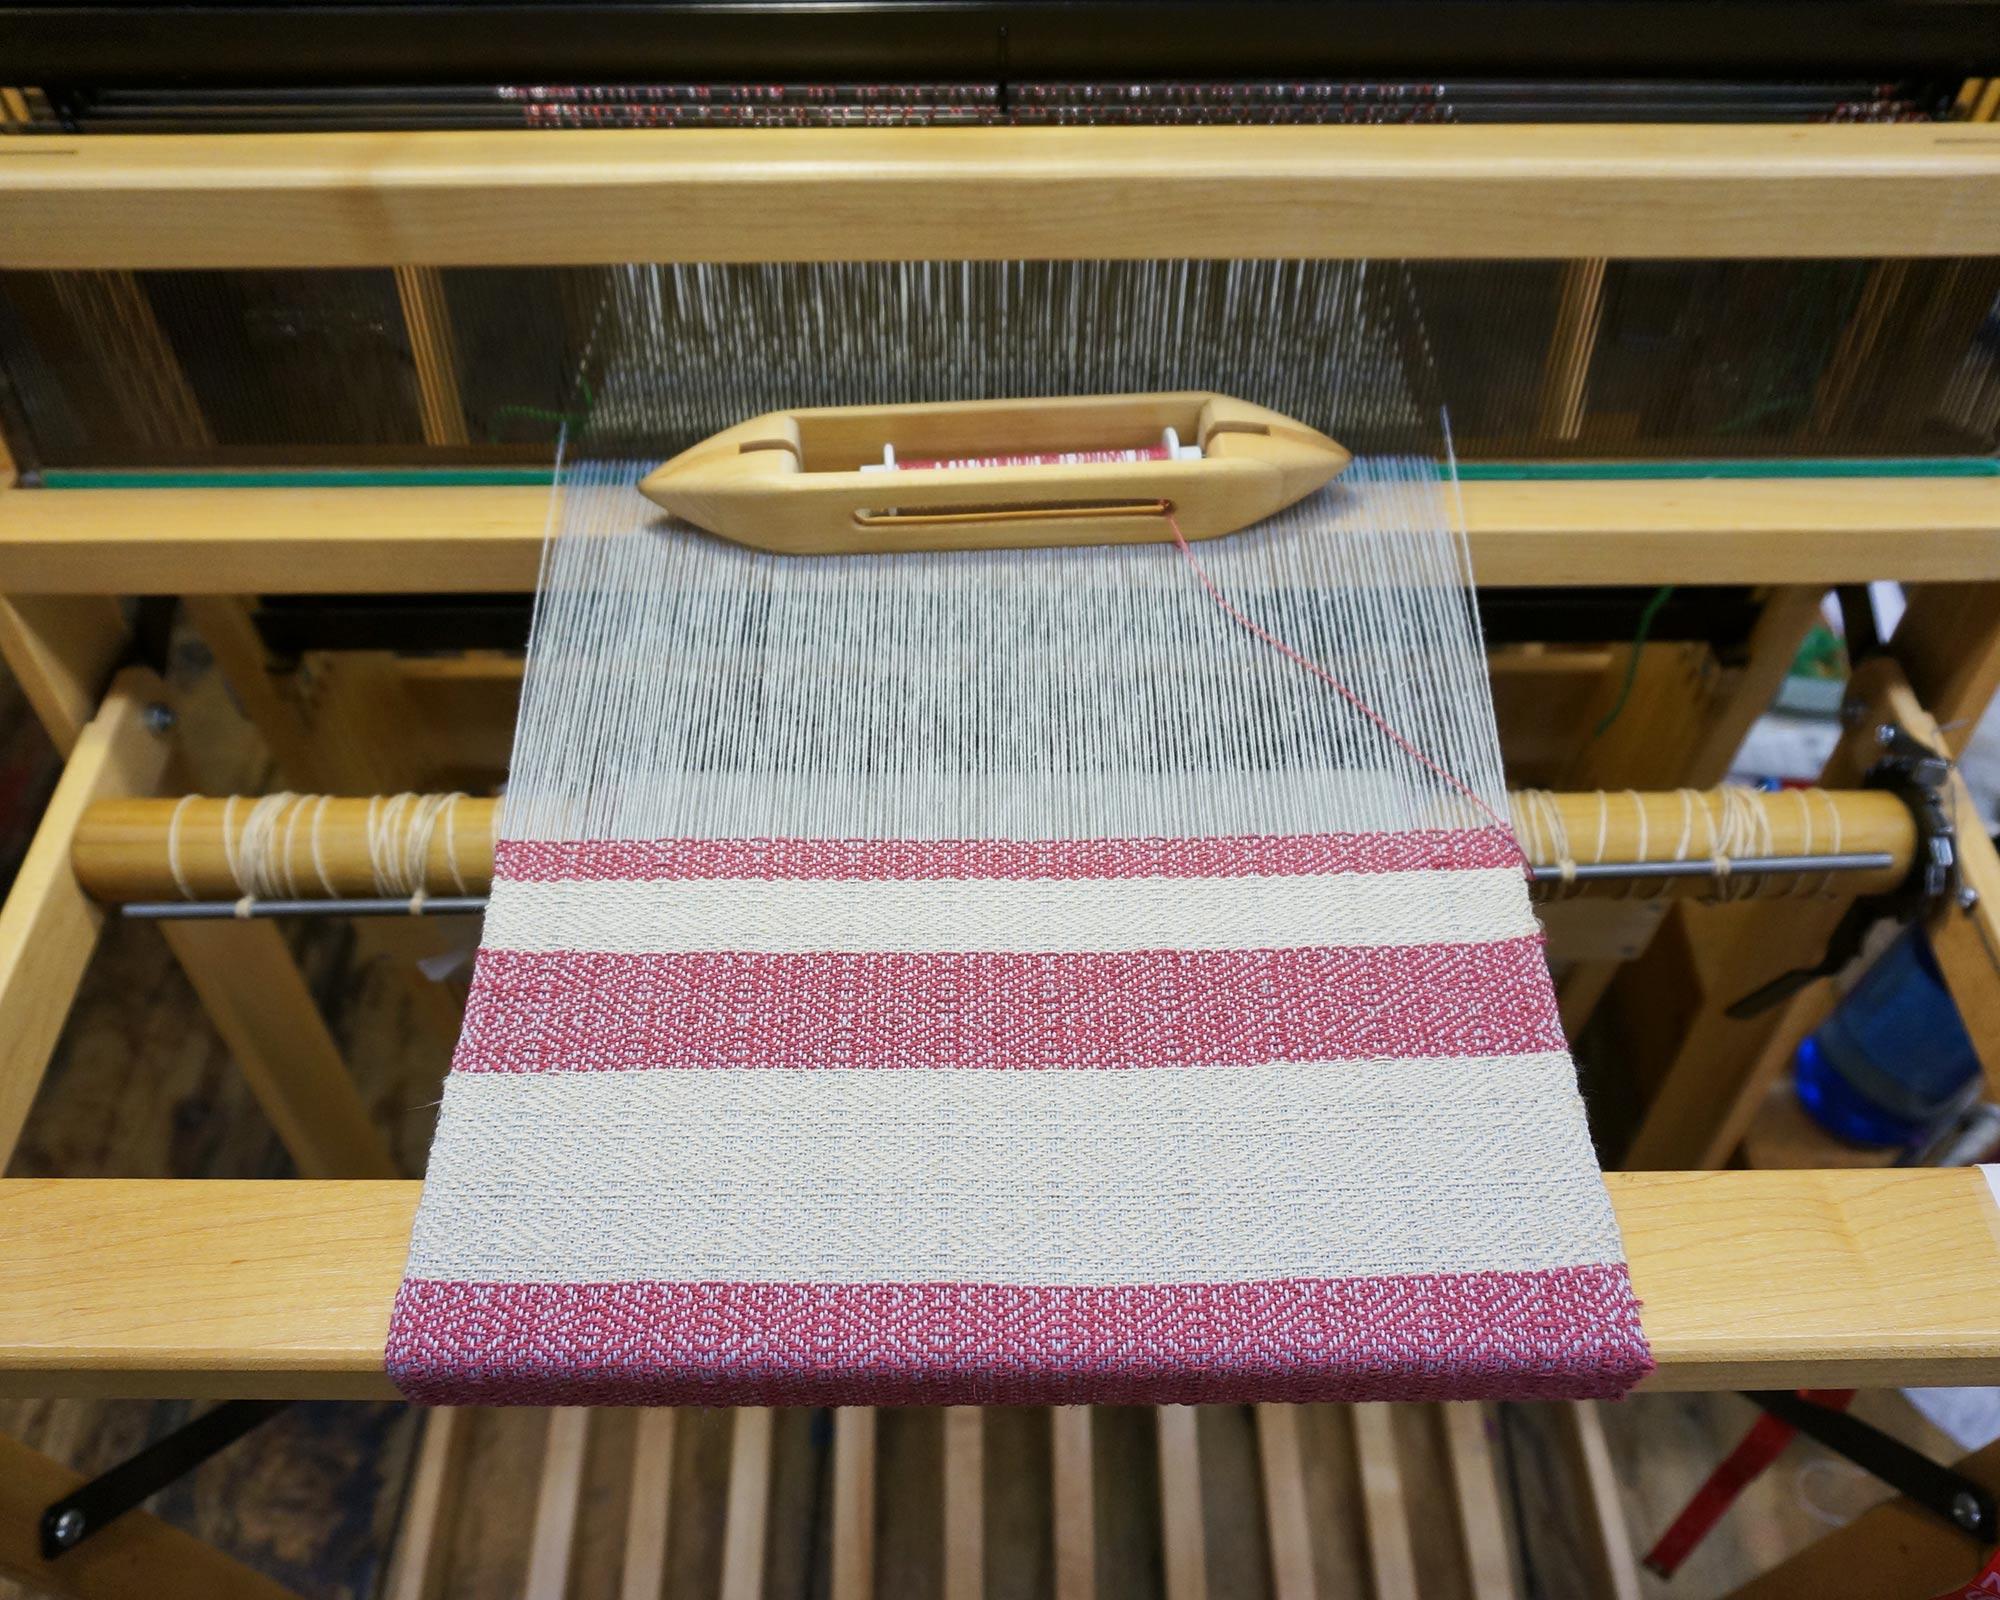 A twill scarf in progress on my loom